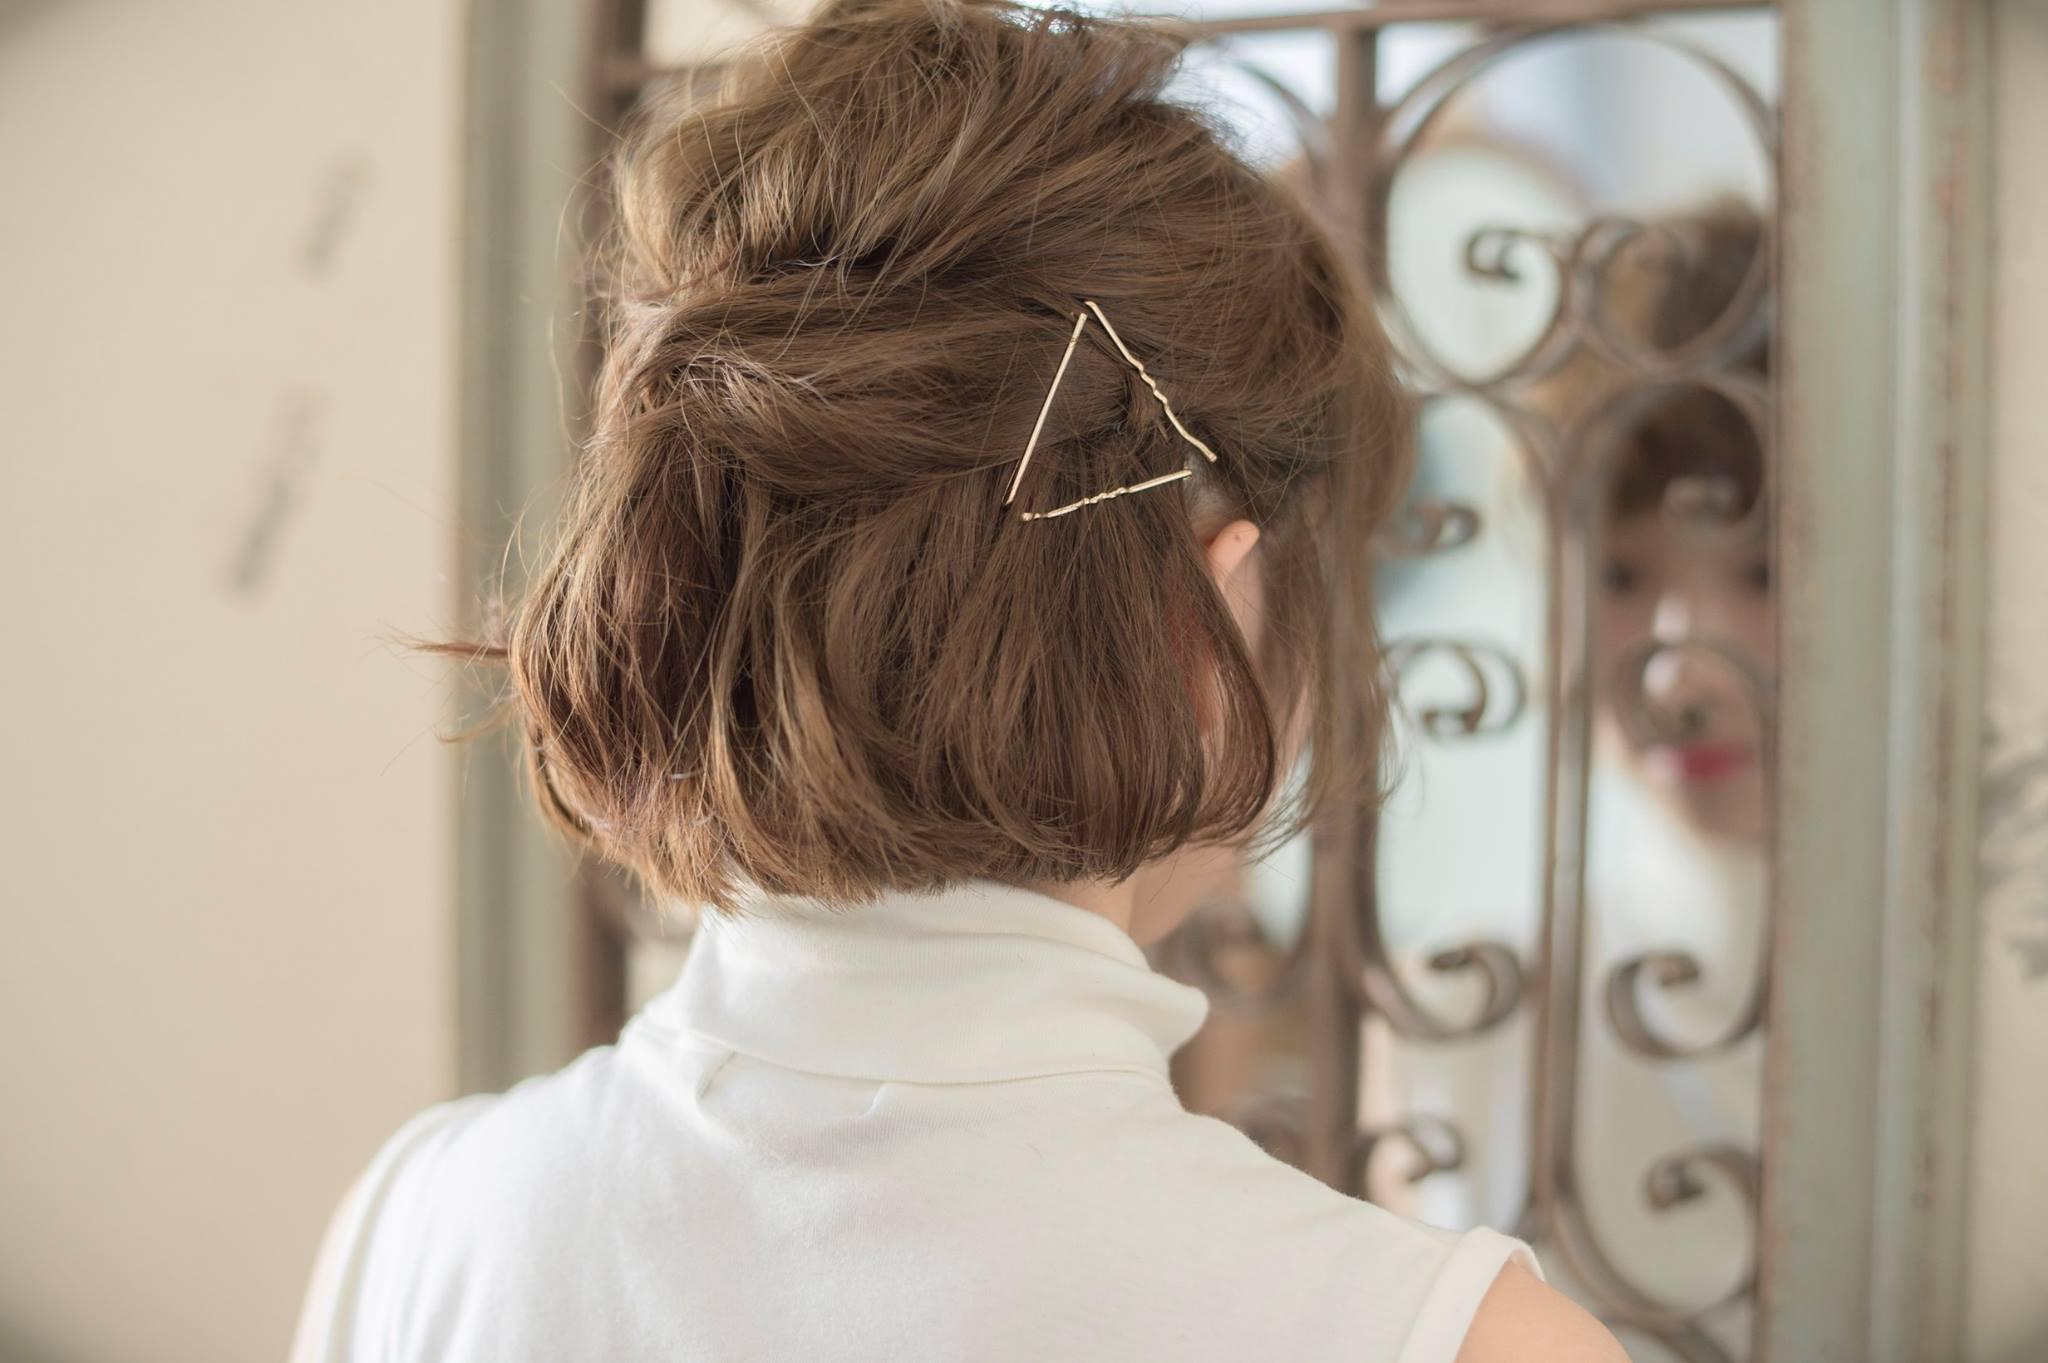 口コミで人気の自由が丘の美容室(ヘアアロン,美容院)keep hair designが提案するボブスタイルアメピンアレンジ